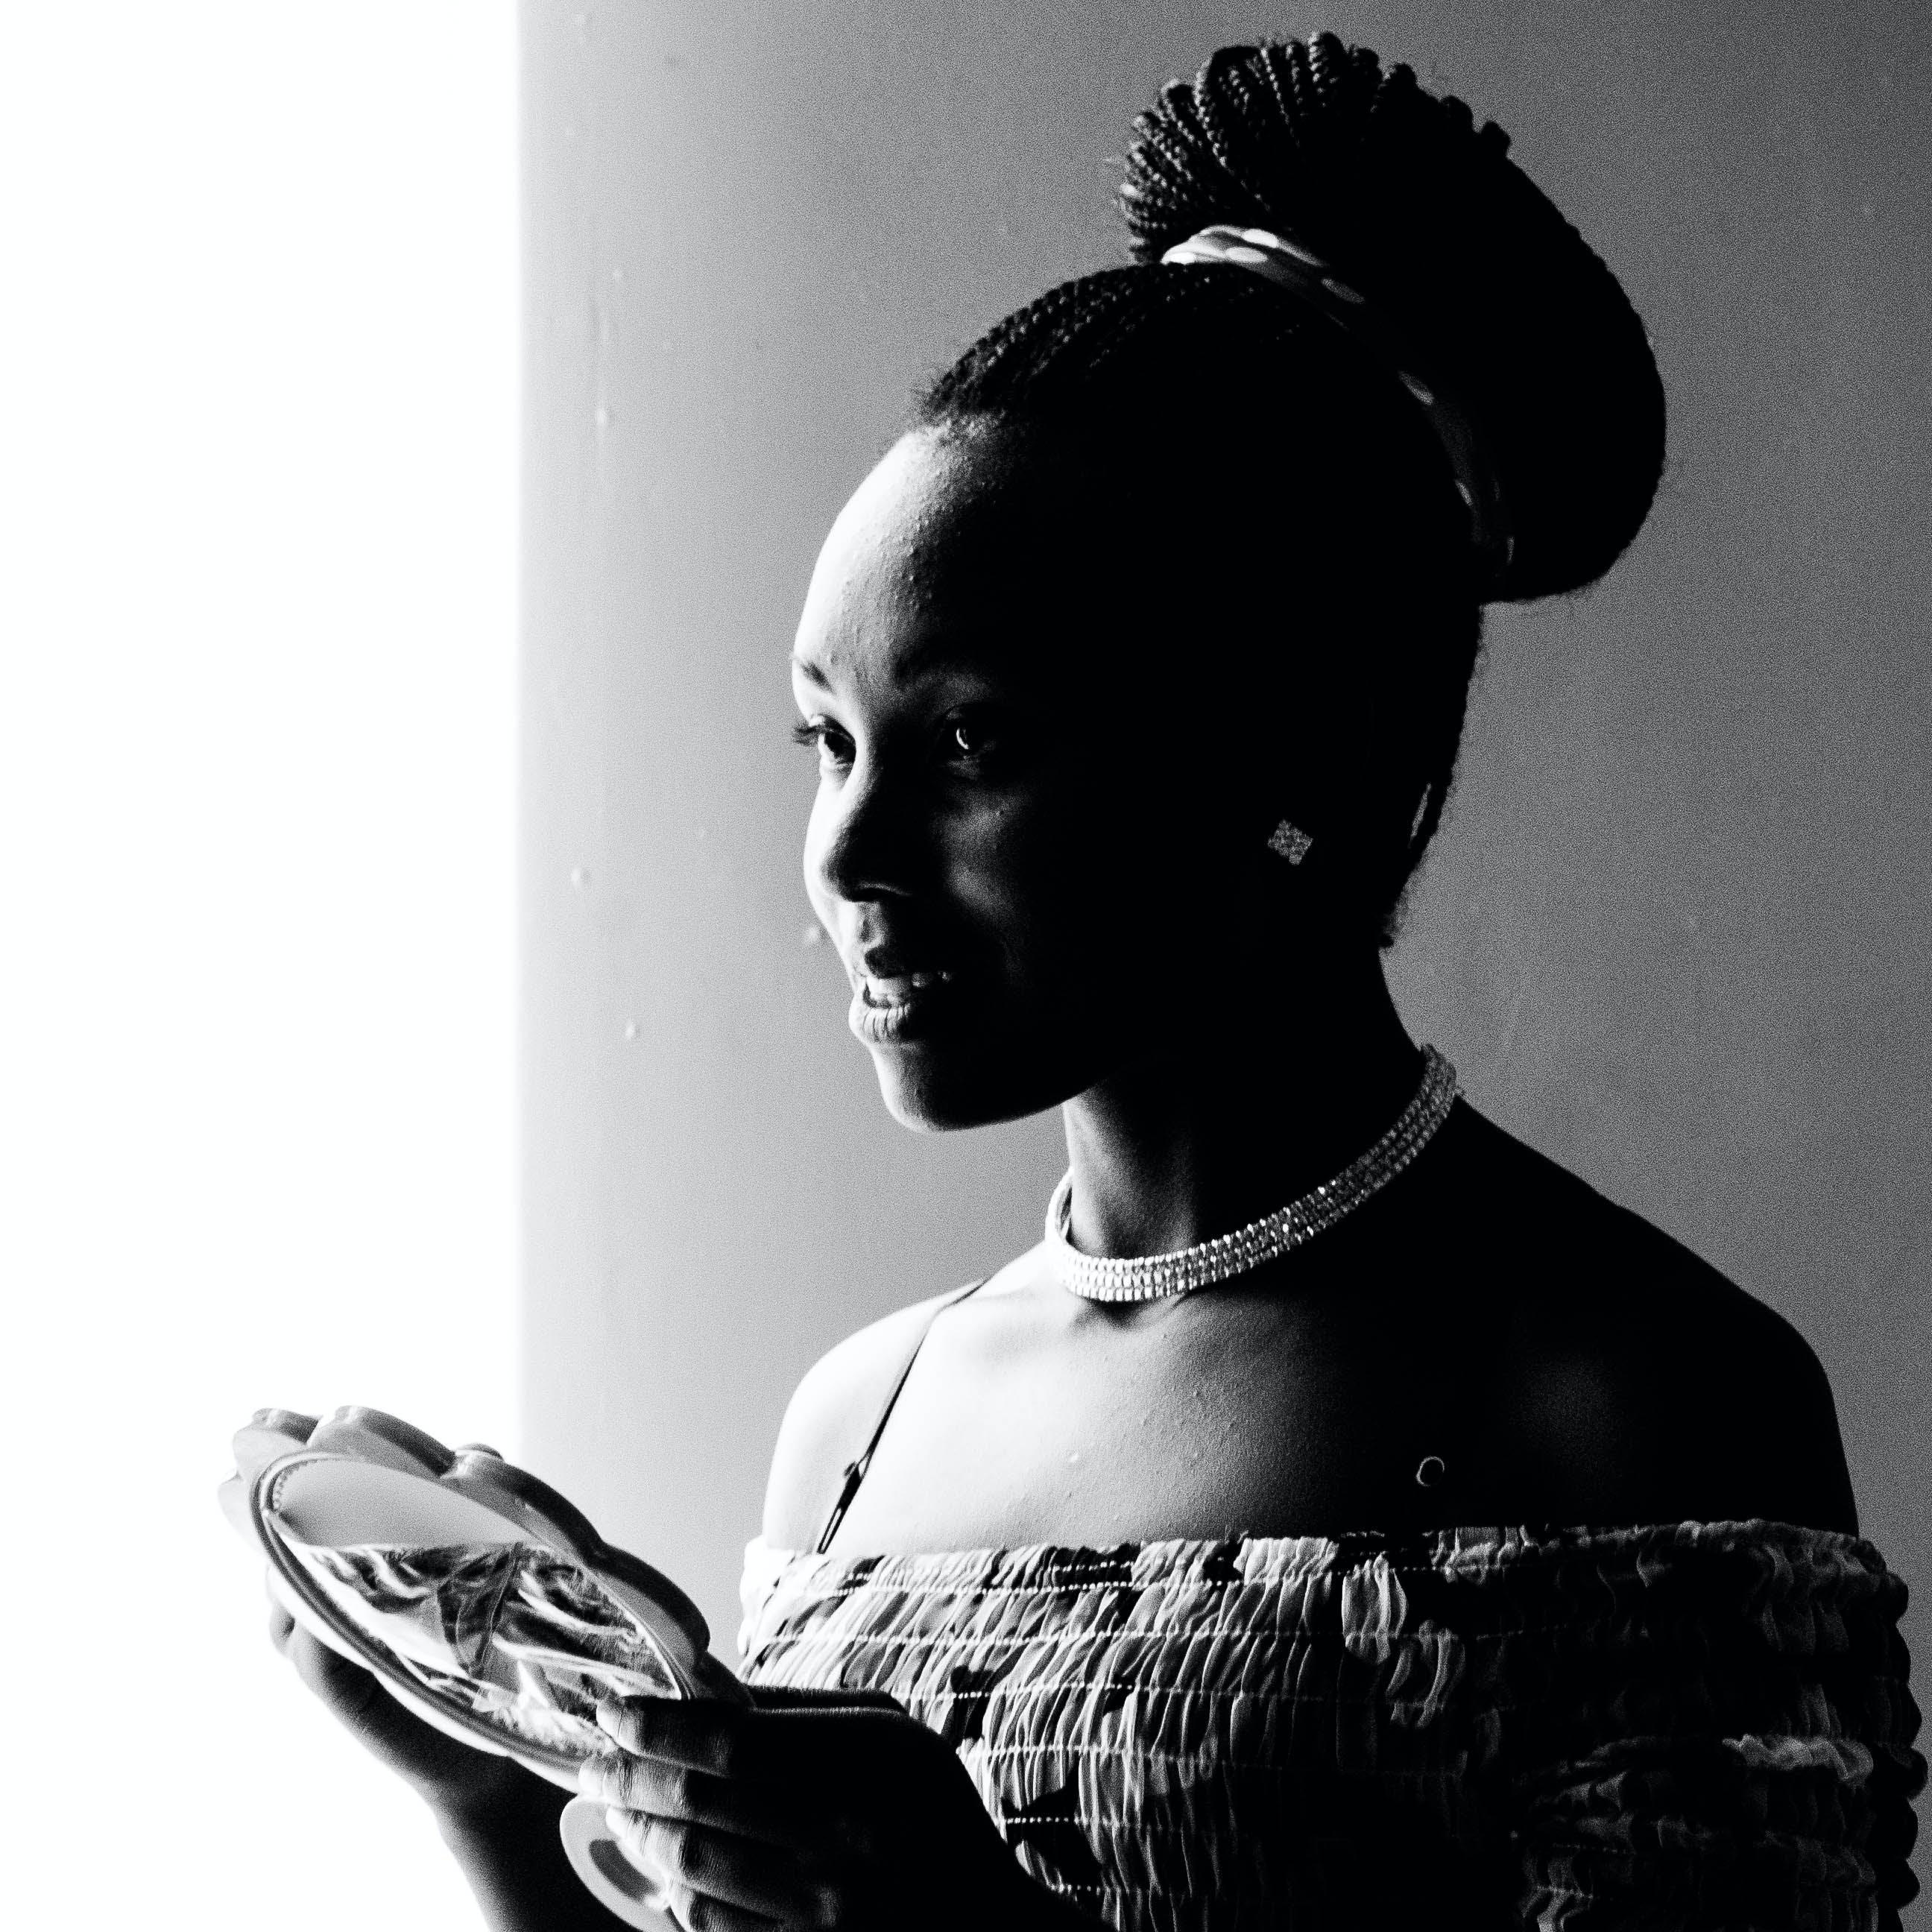 ほほえむ, アフリカ人女性, アフリカ系アメリカ人女性, 女性の無料の写真素材